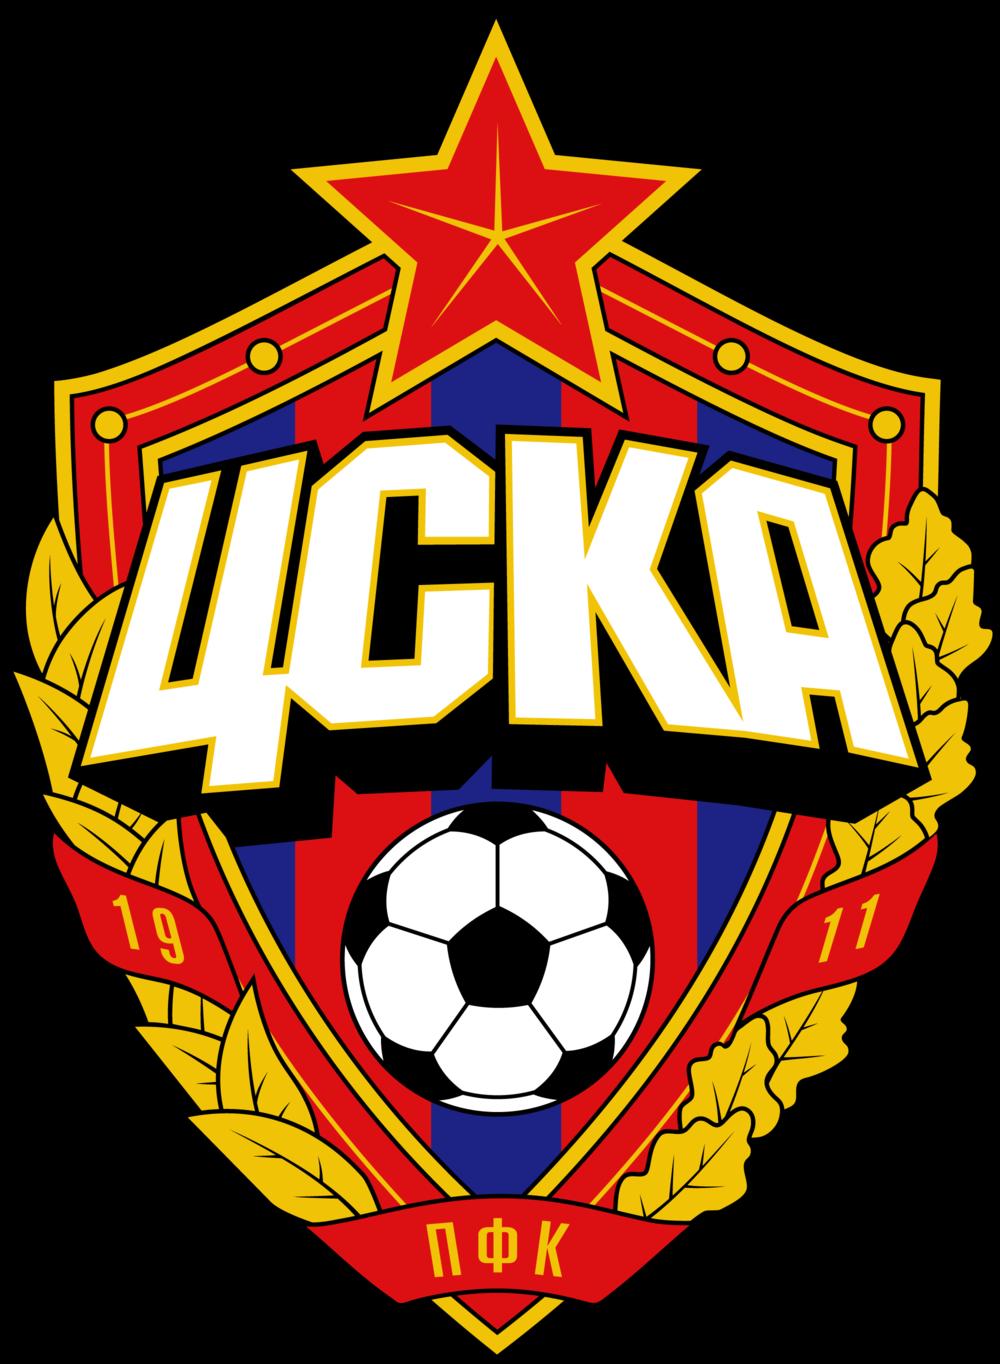 Футбольные клубы москвы высшей лиги клубы москва выхино